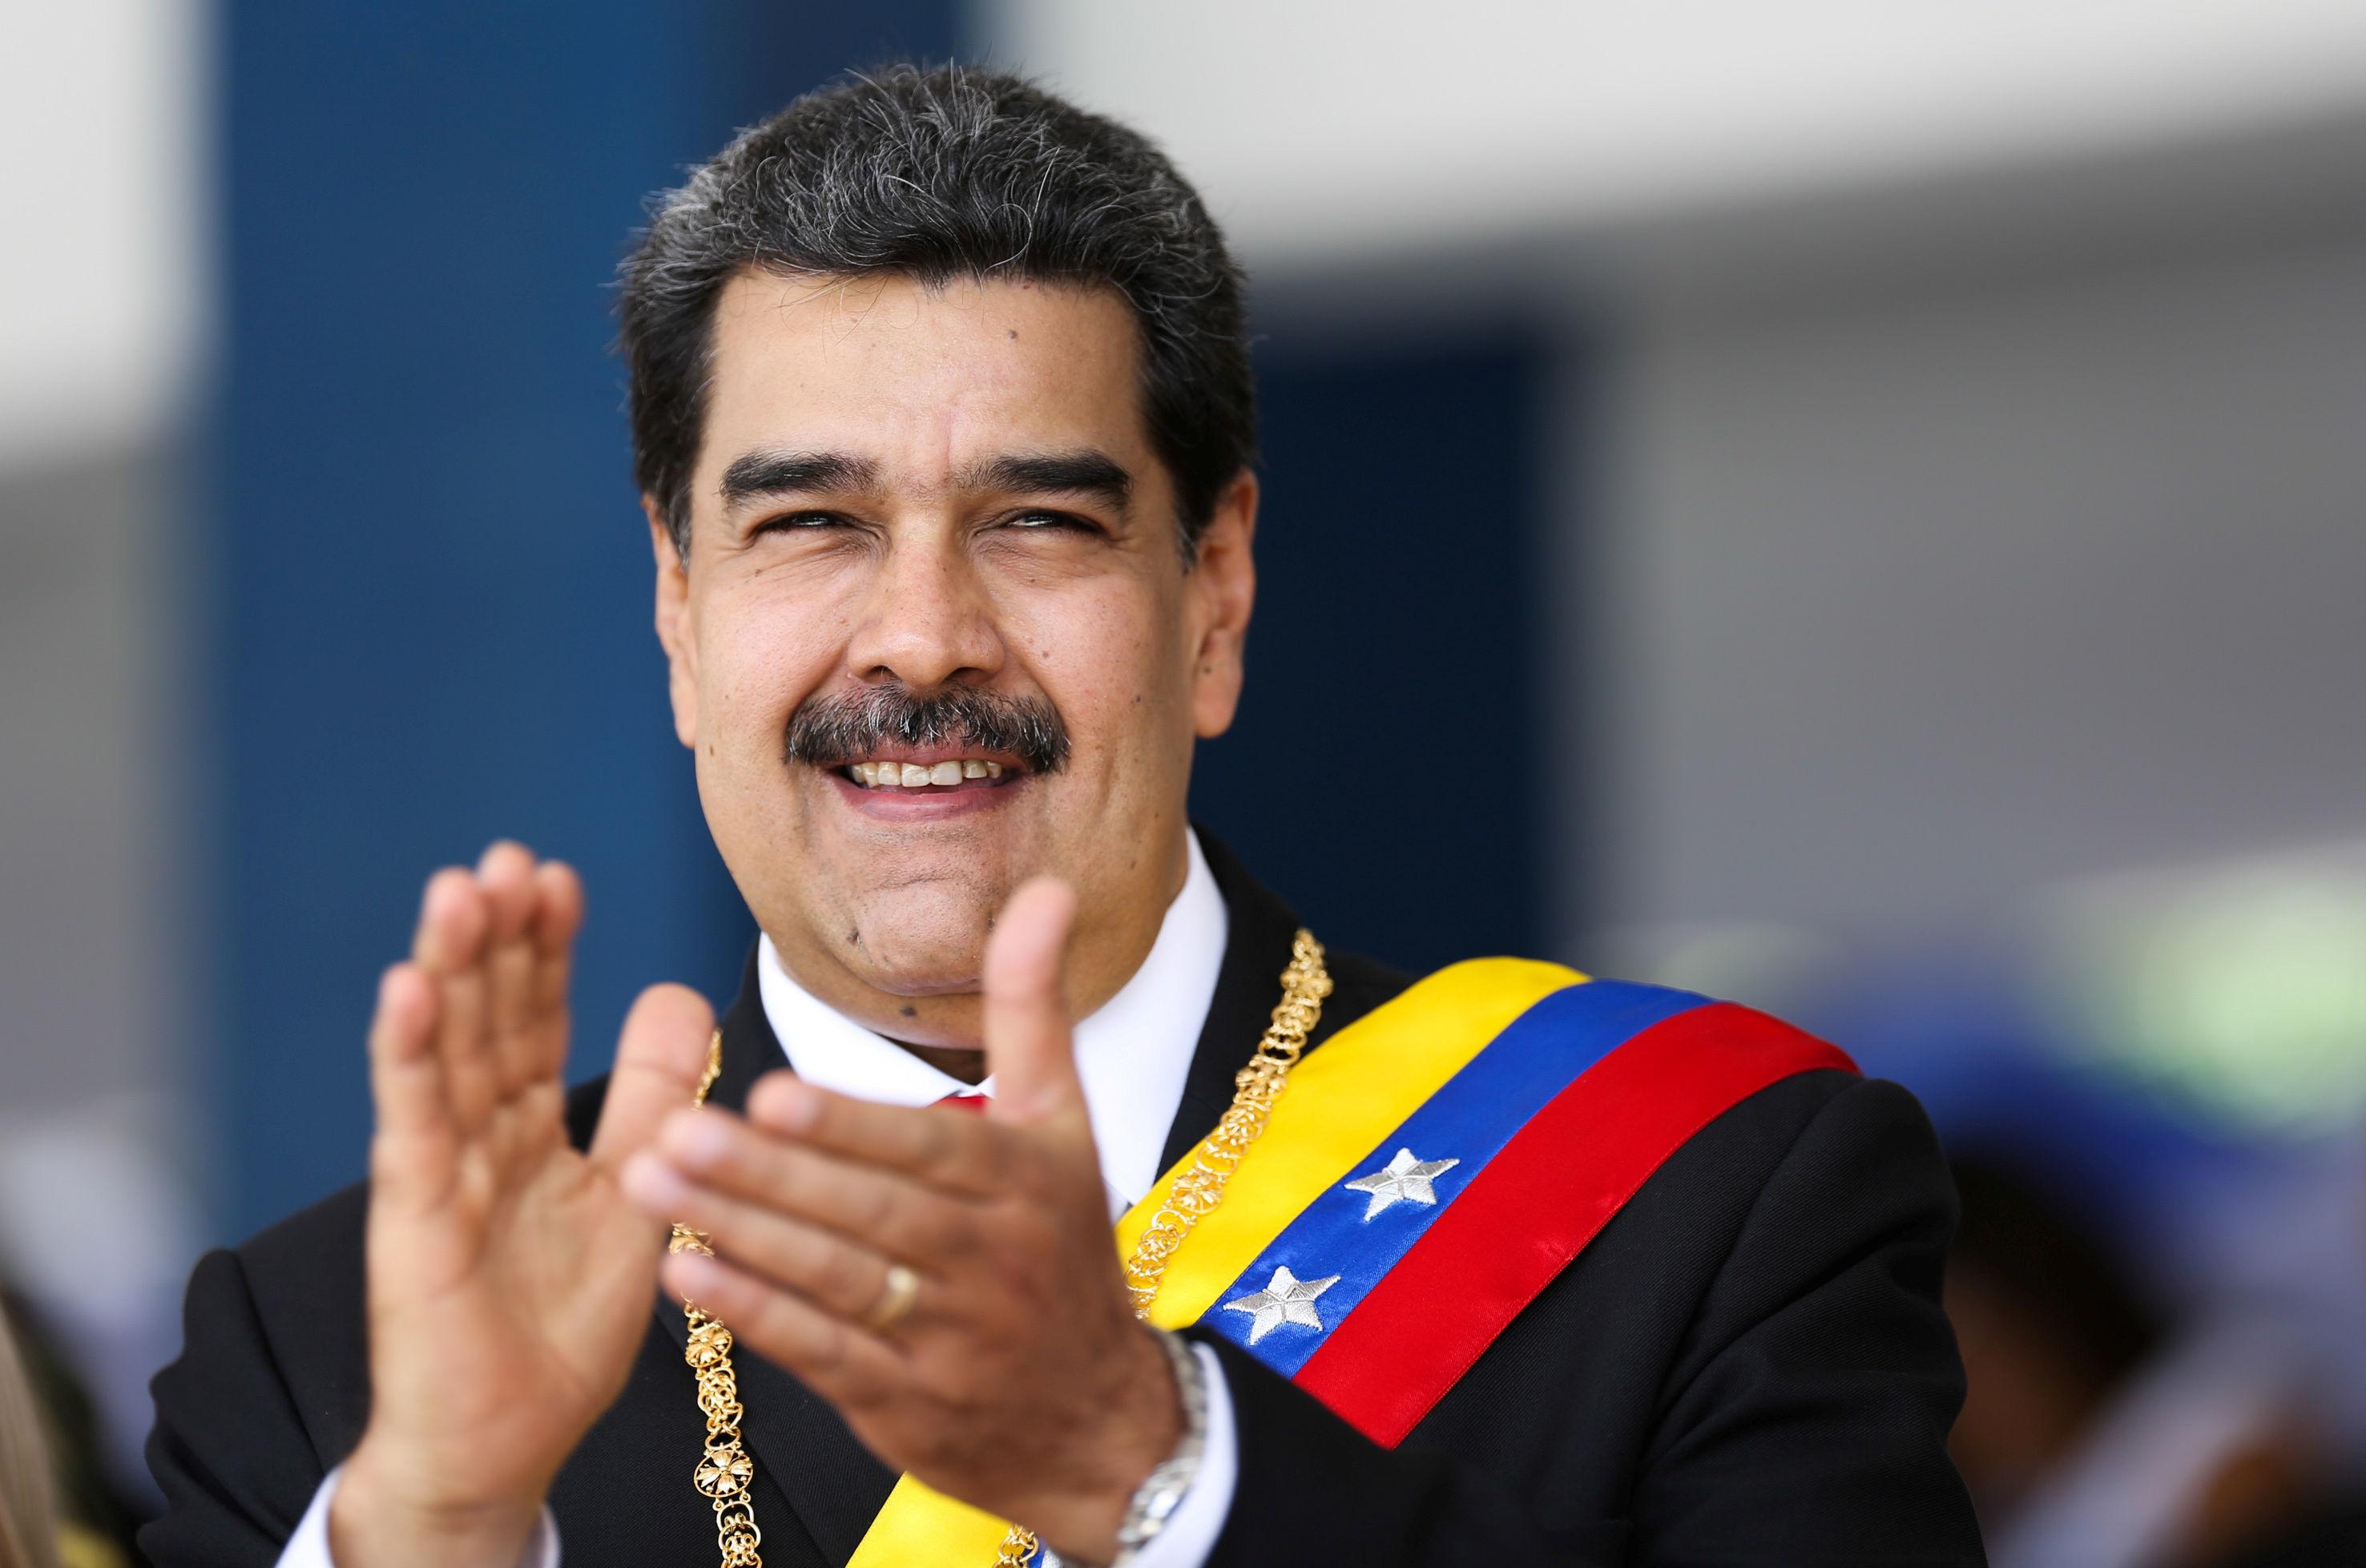 Presidente da Venezuela, Nicolás Maduro, participa de desfile militar para comemorar o 208º aniversário da declaração da Independência da Venezuela em Caracas, em 5 de julho de 2019